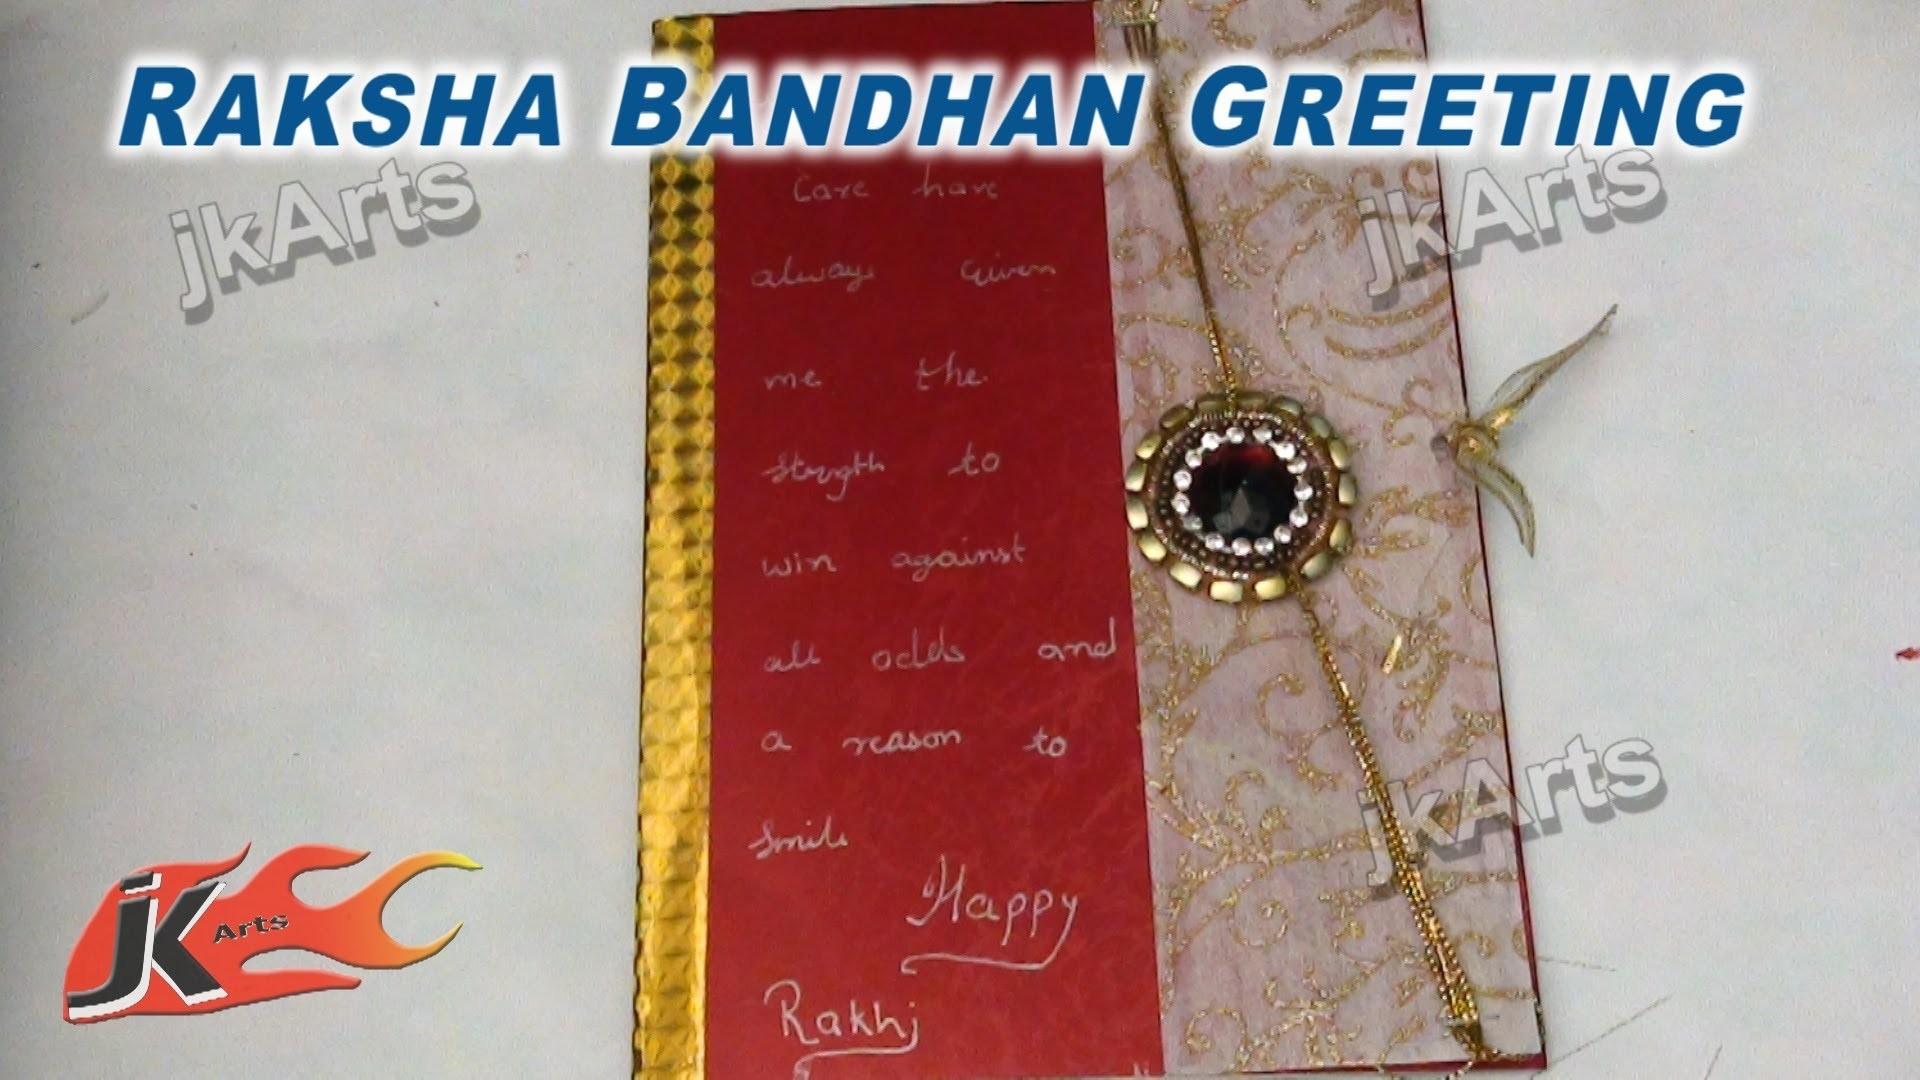 DIY How to make Greeting Card for Raksha Bandan - JK Arts 283